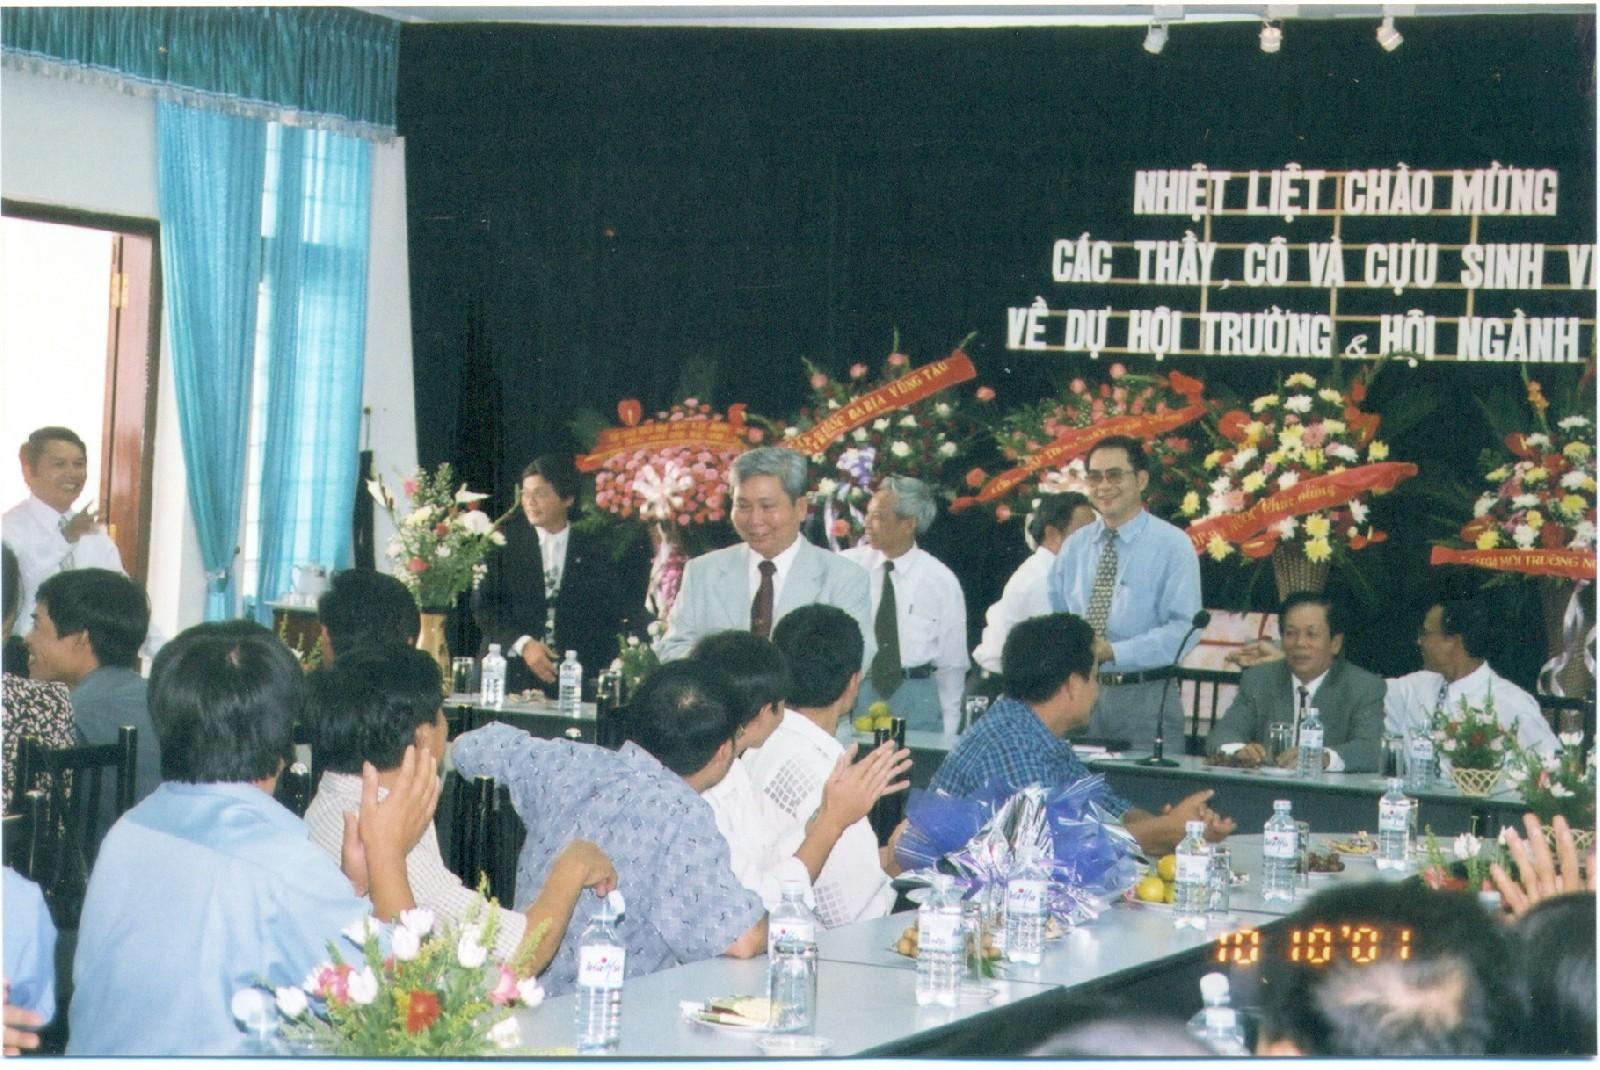 Hội ngành năm 2001